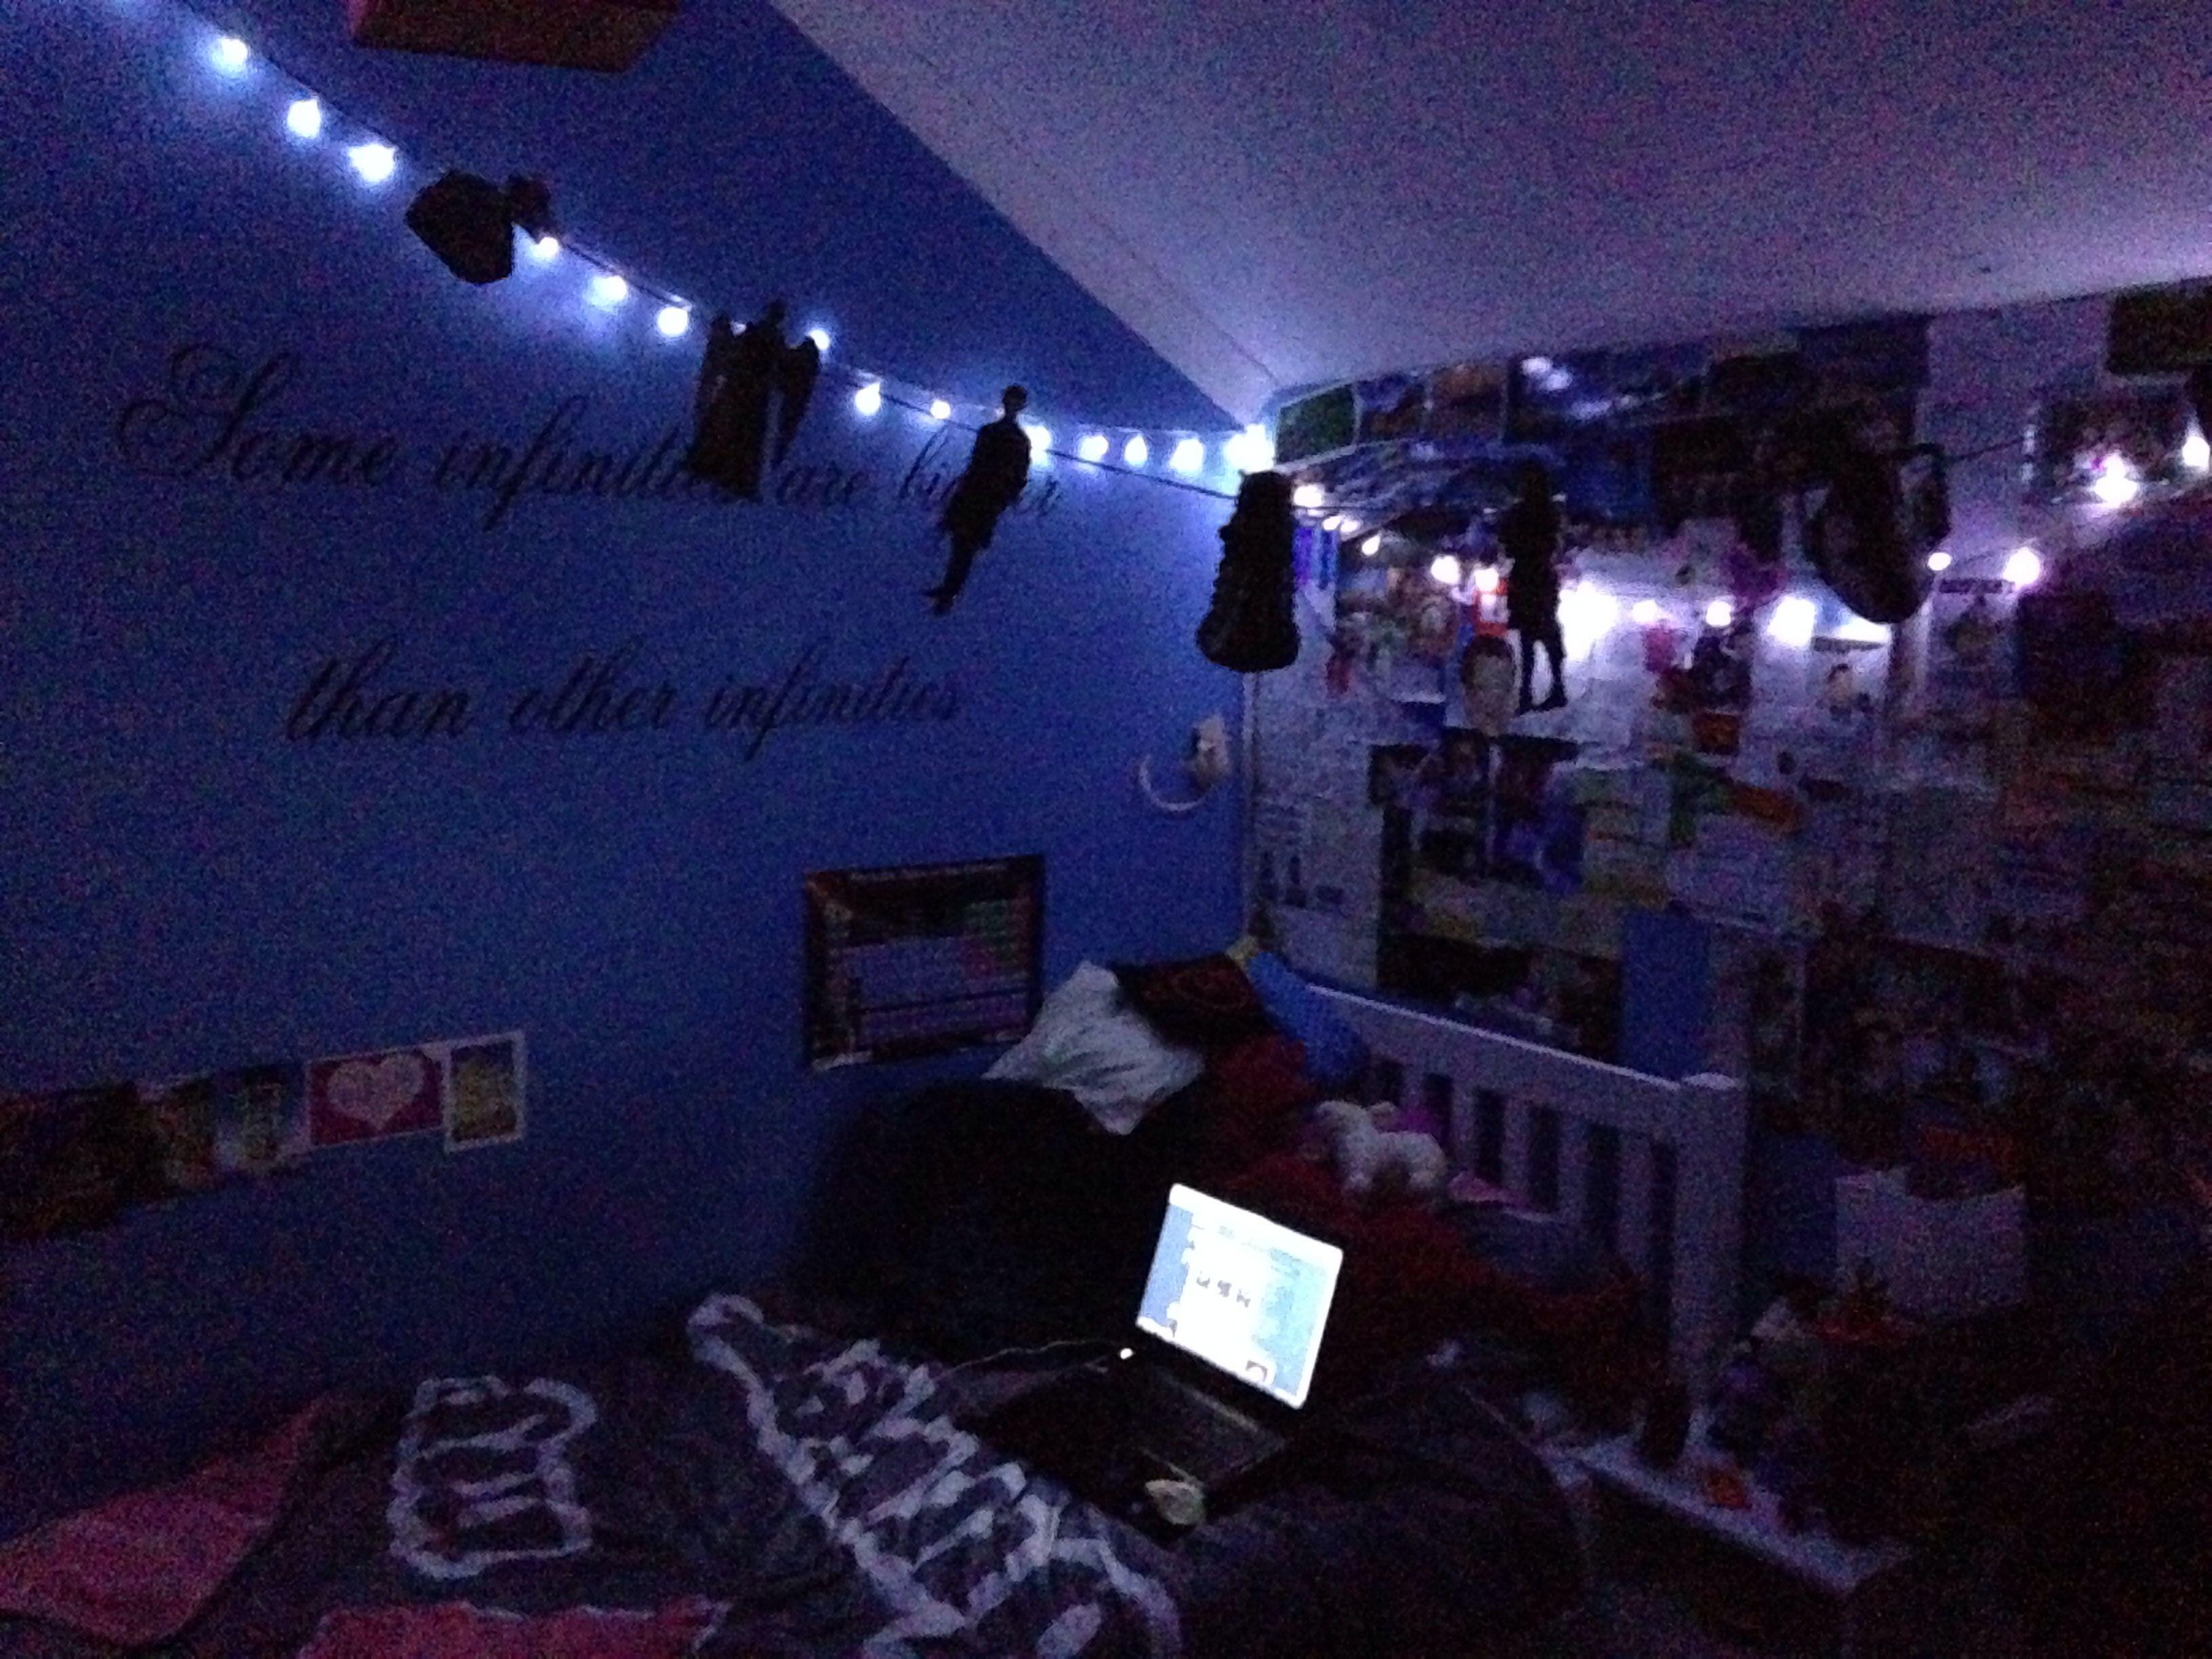 A finally tidy room